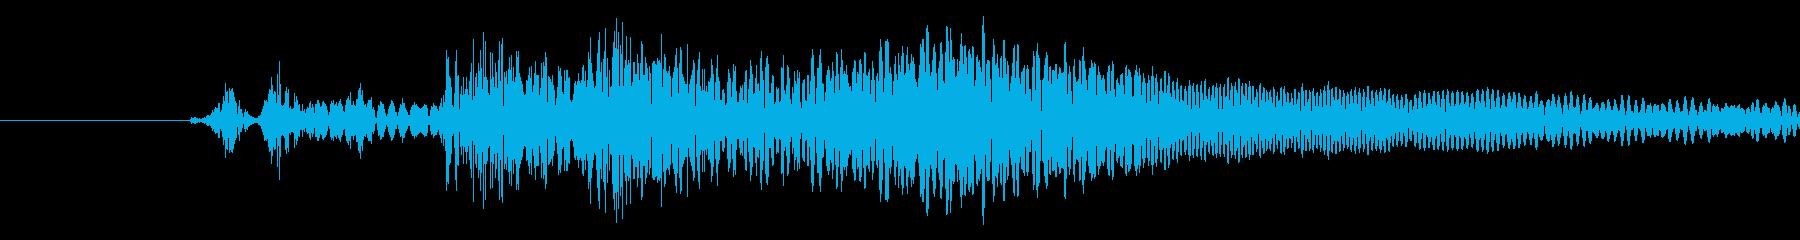 メニュー画面などのキャンセル音の再生済みの波形